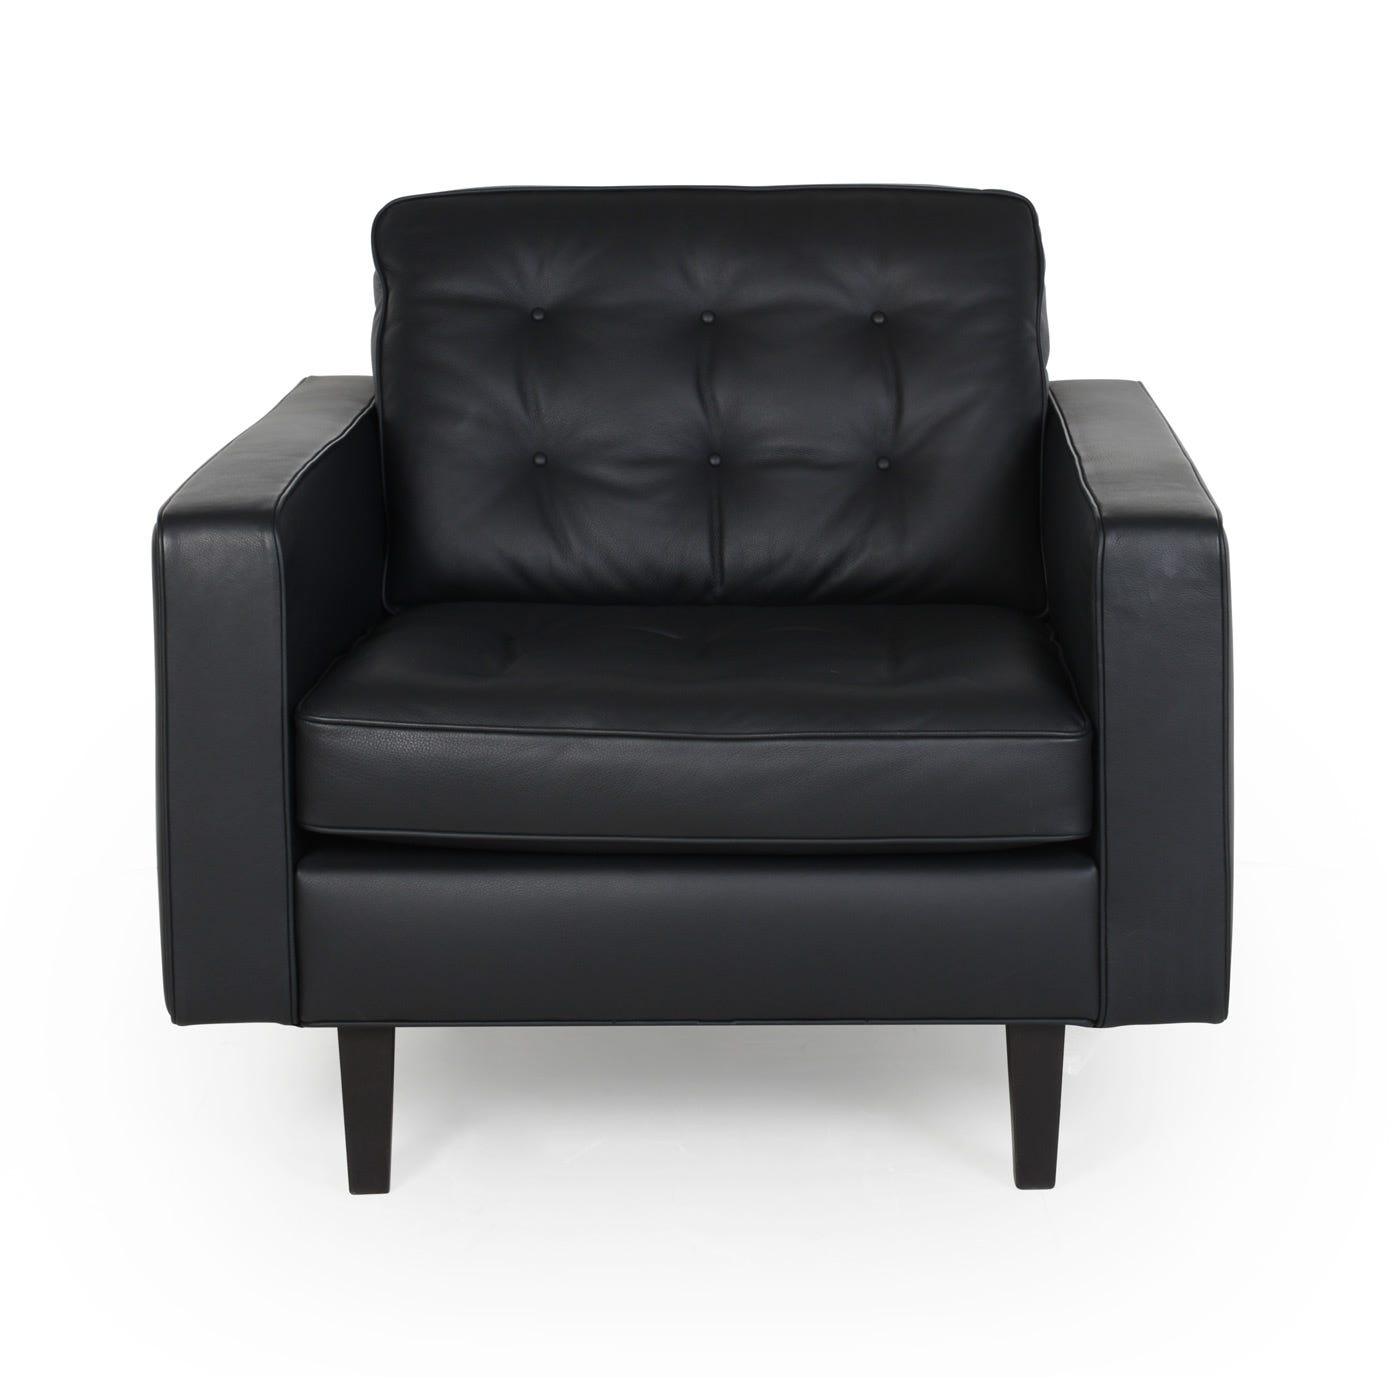 Heal s Hepburn Armchair